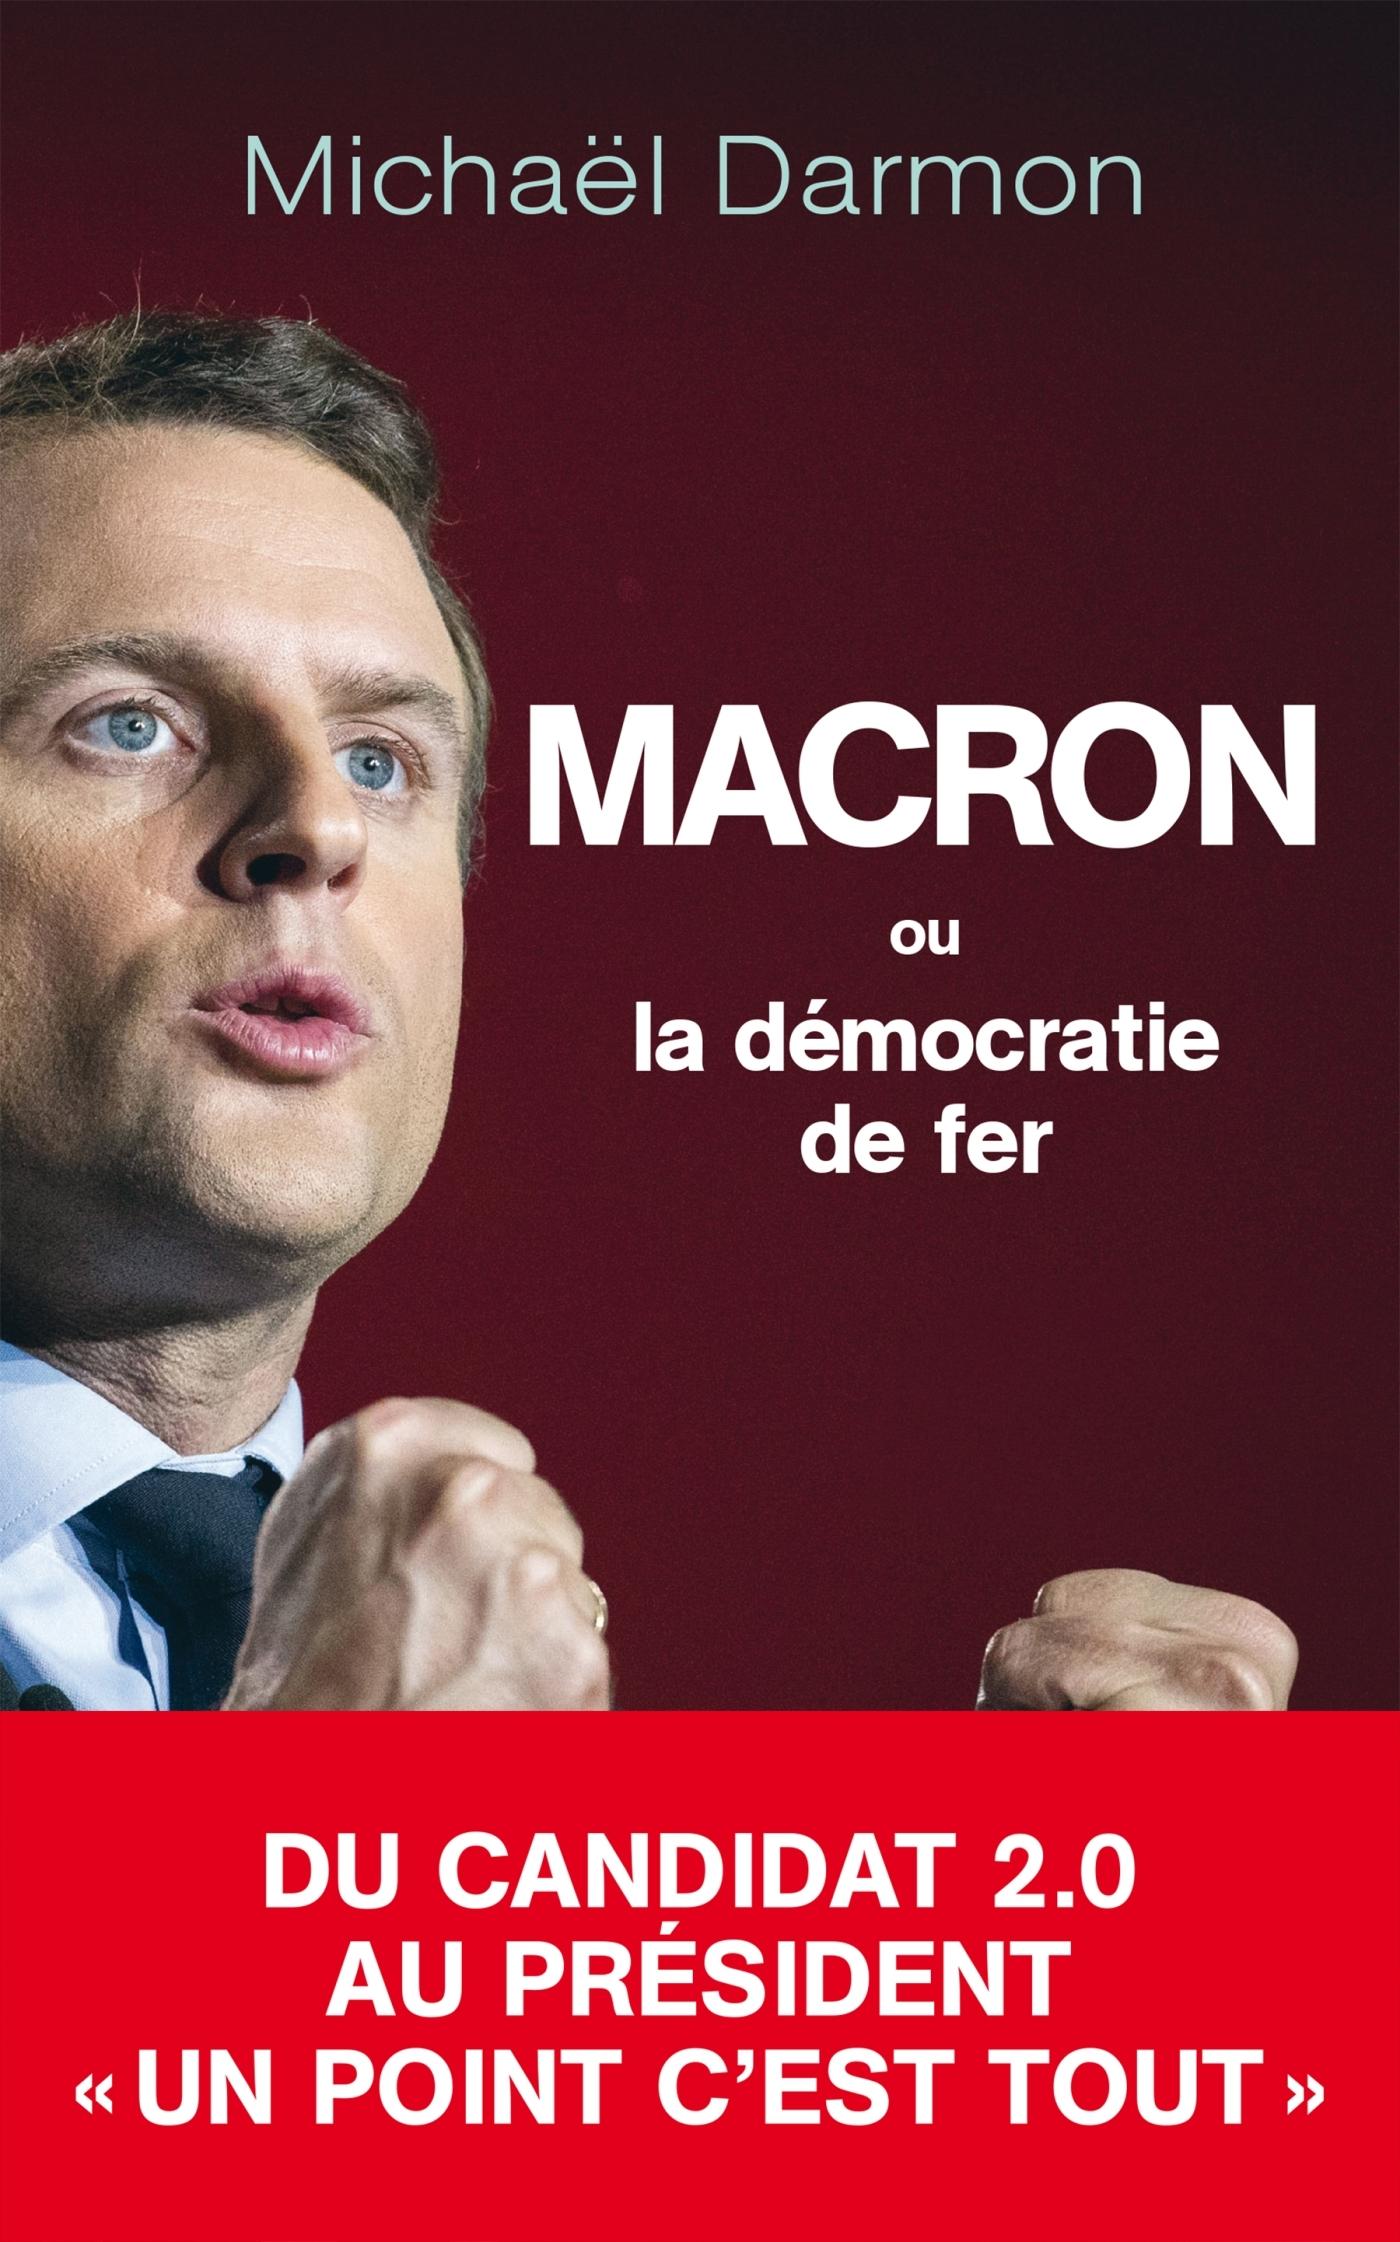 MACRON OU LA DEMOCRATIE DE FER